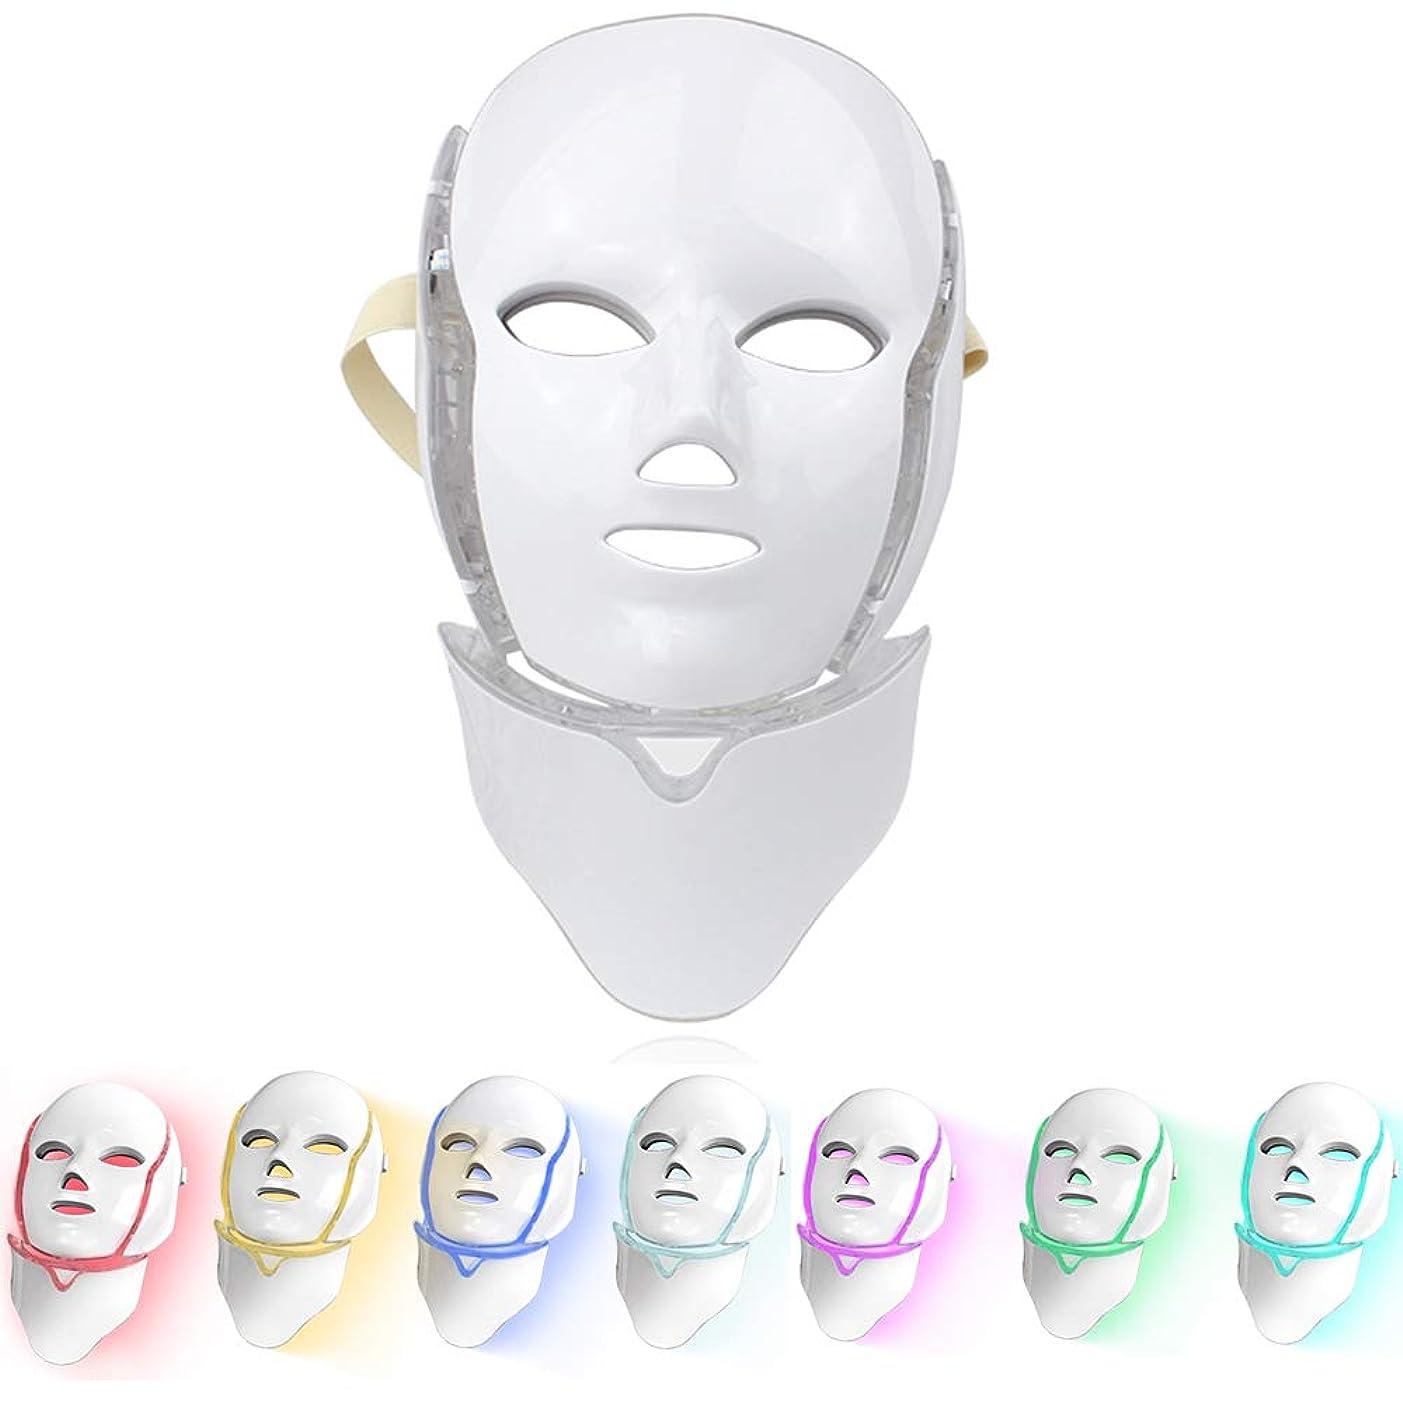 鉱石ボール監査LED光線療法マスク(ネック付き)7色光線治療スキンケア美容光線療法アンチエイジングアクネリンクルマスク